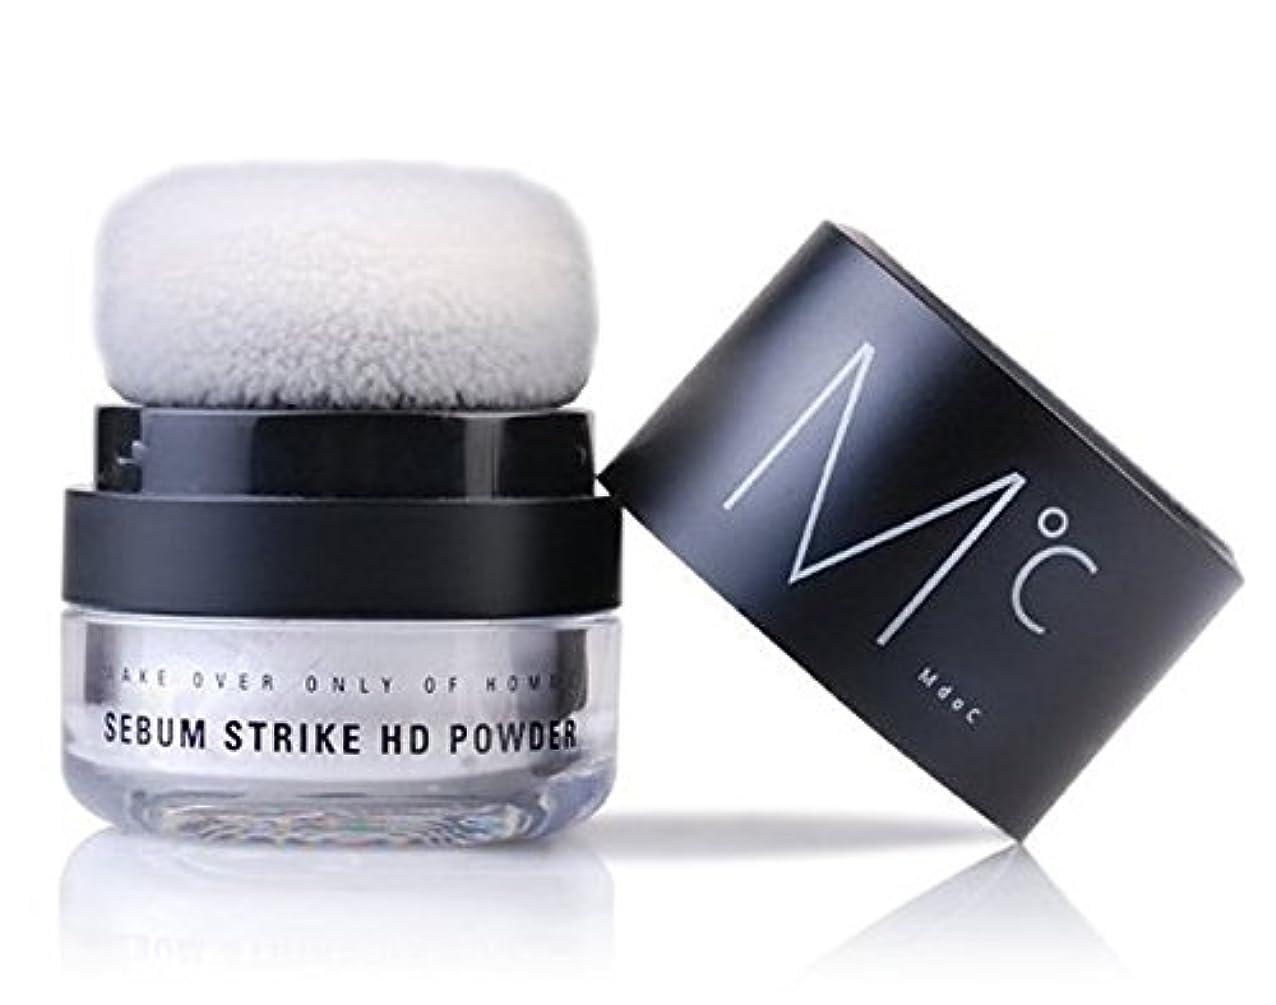 企業で付添人[エムドシ] シーバム ストライキ パウダー, 脂性, すべすべ顔, 男性用 パウダー, MDOC Sebum Strike HD Powder to be Dry and Smooth for Man's Face 4g...